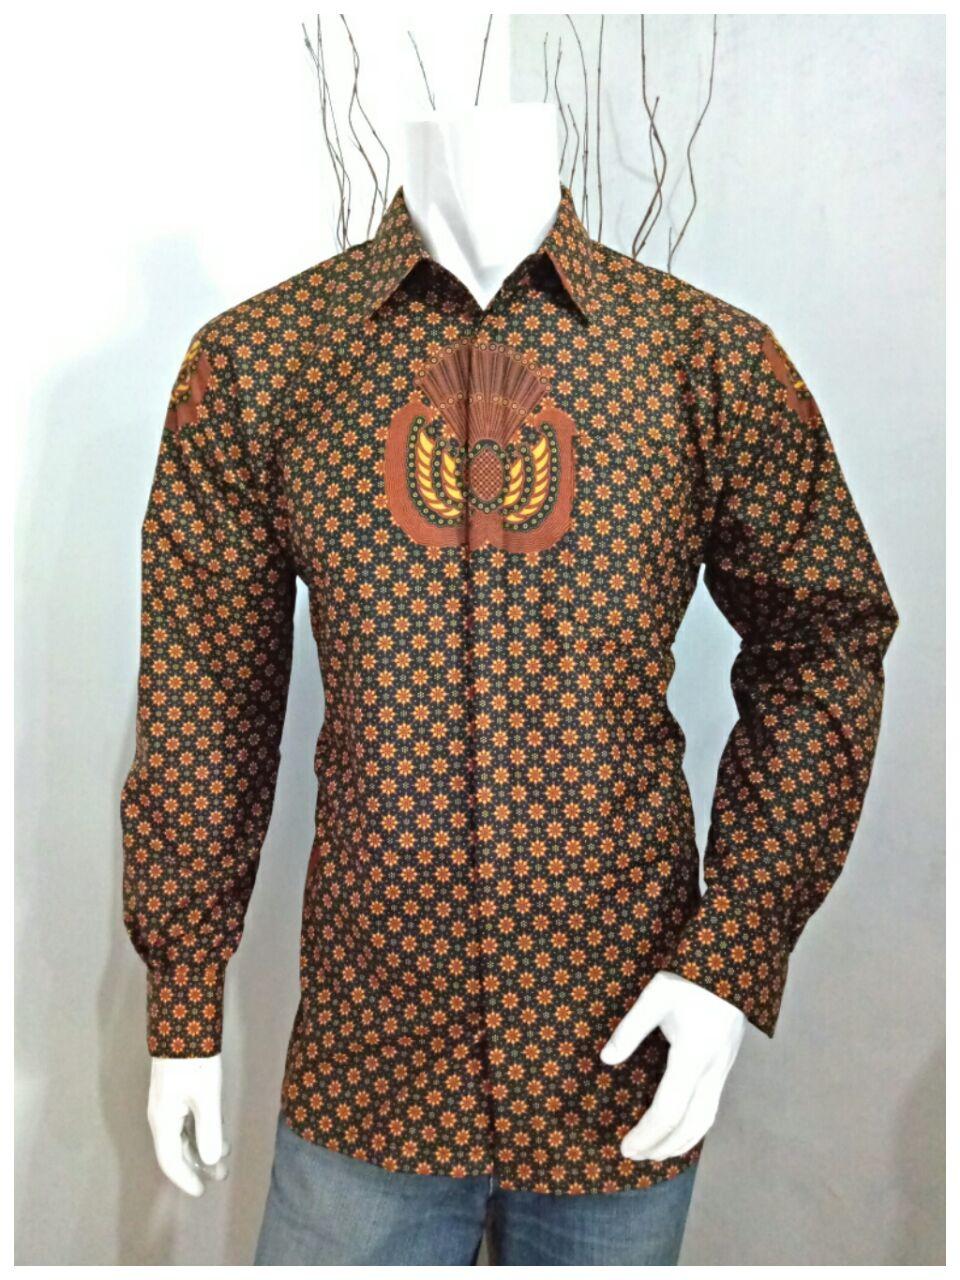 Contoh Model Baju Batik 2018 Kemeja Batik Kombinasi Pria Baju Koko